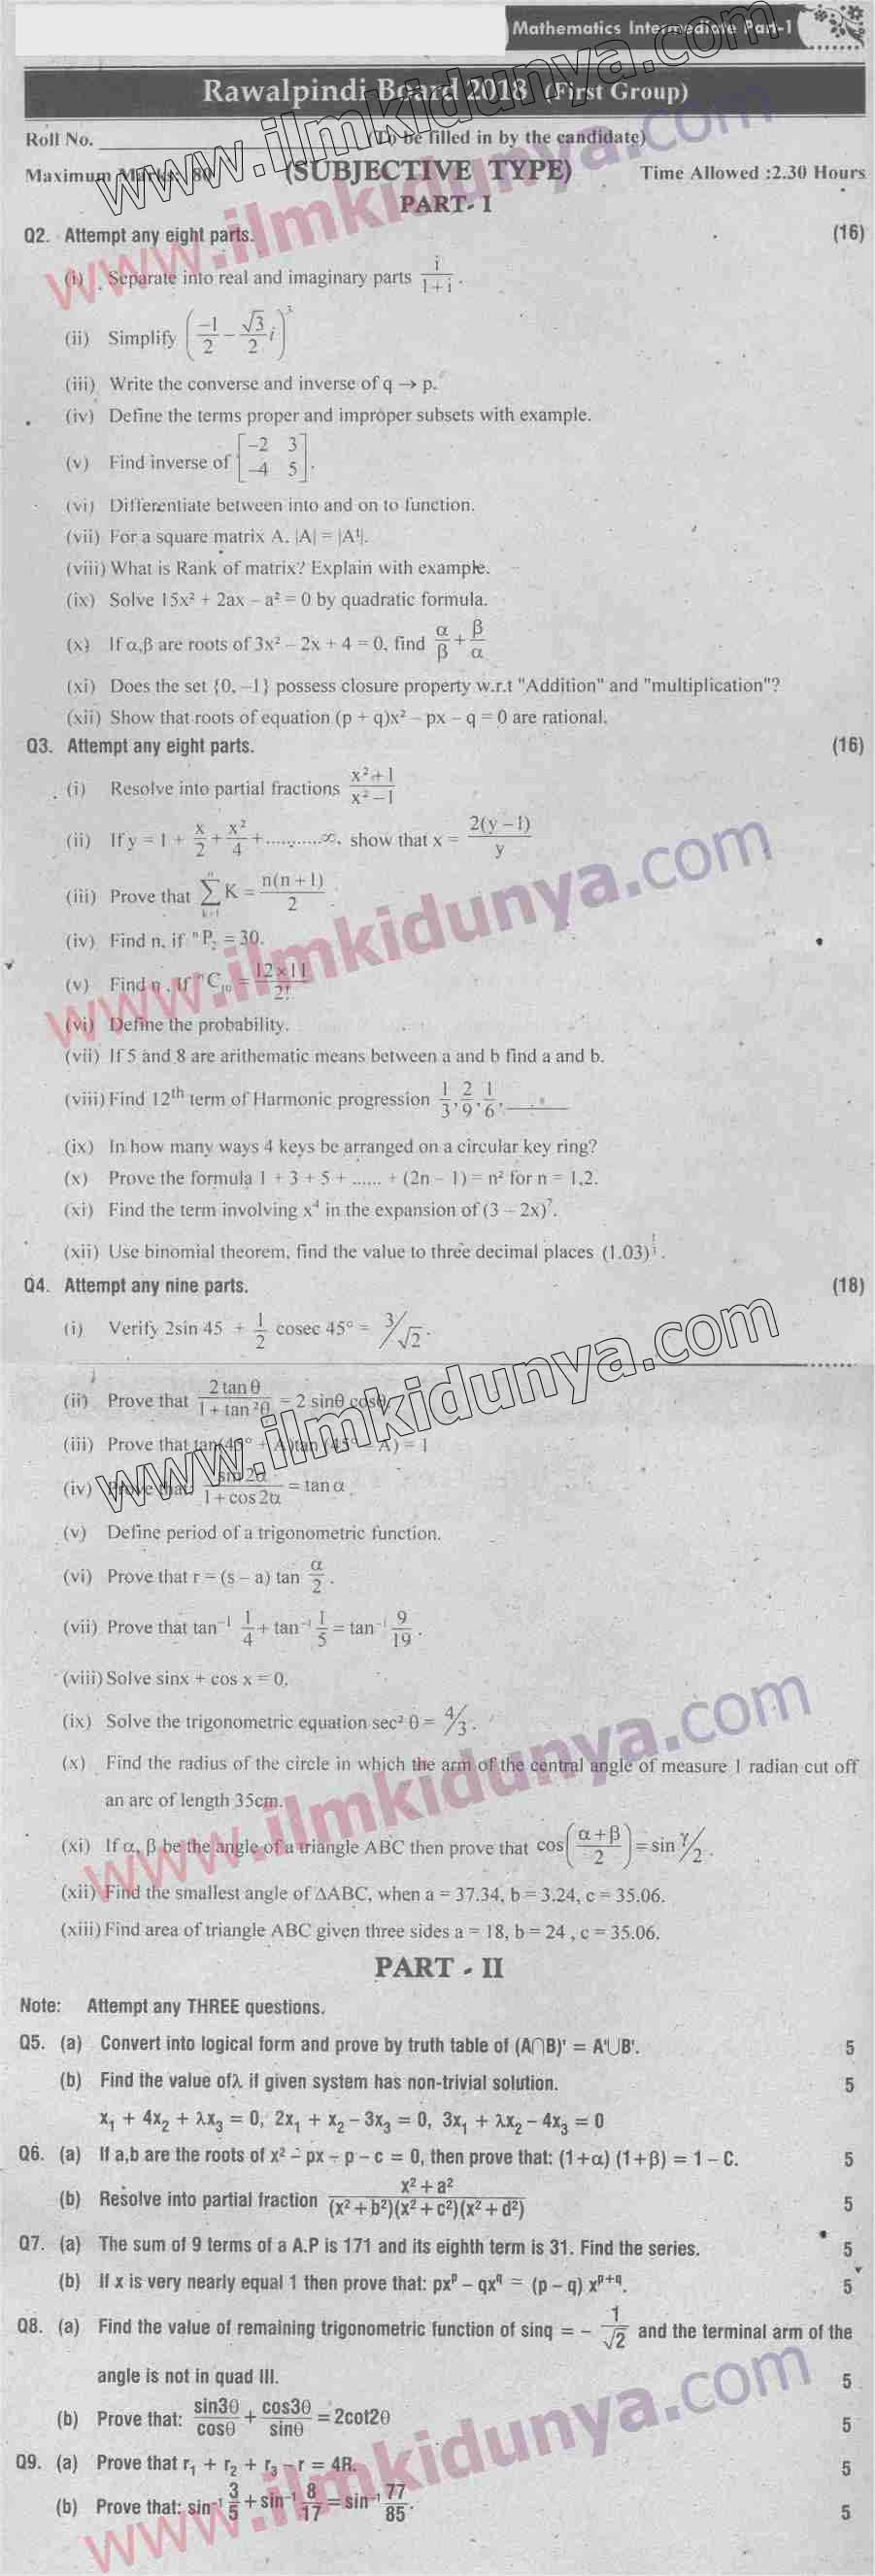 Past Papers 2018 Rawalpindi Board Inter Part 1 Mathematics